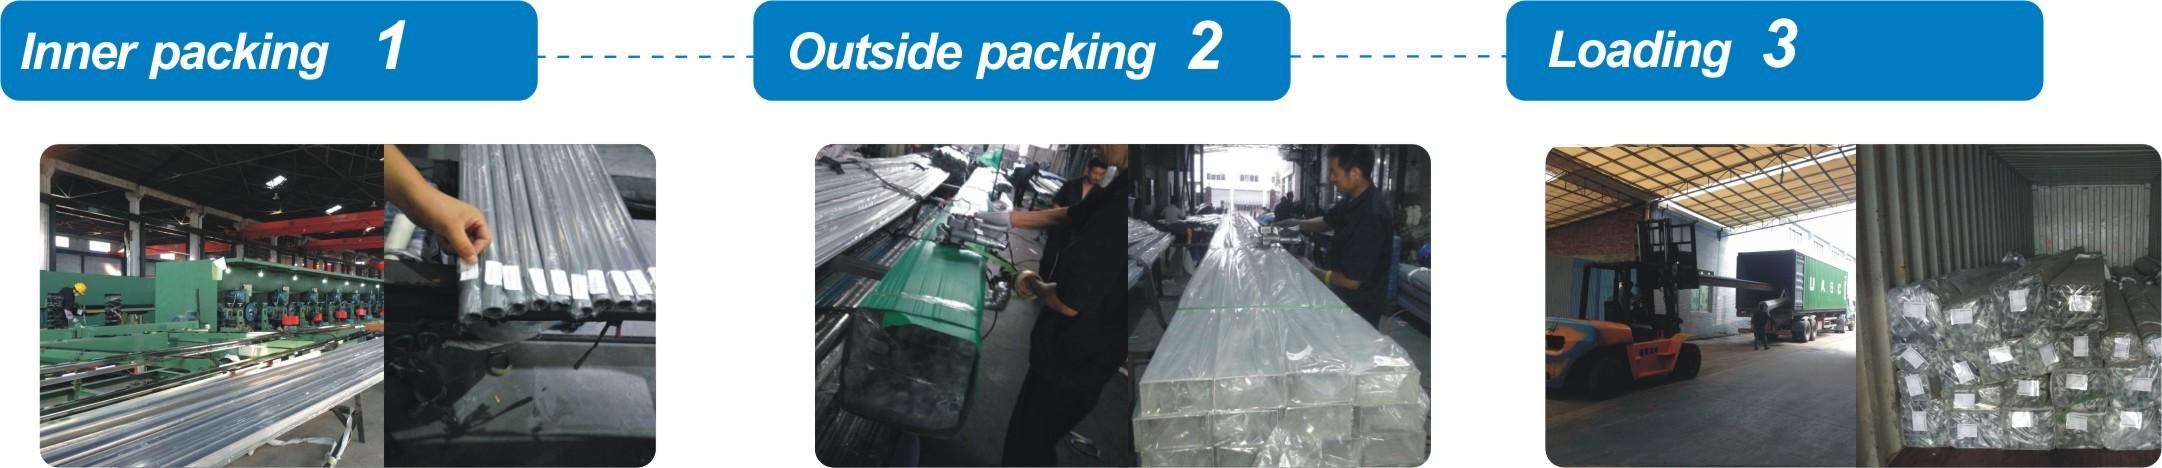 stainless steel pipe packaging